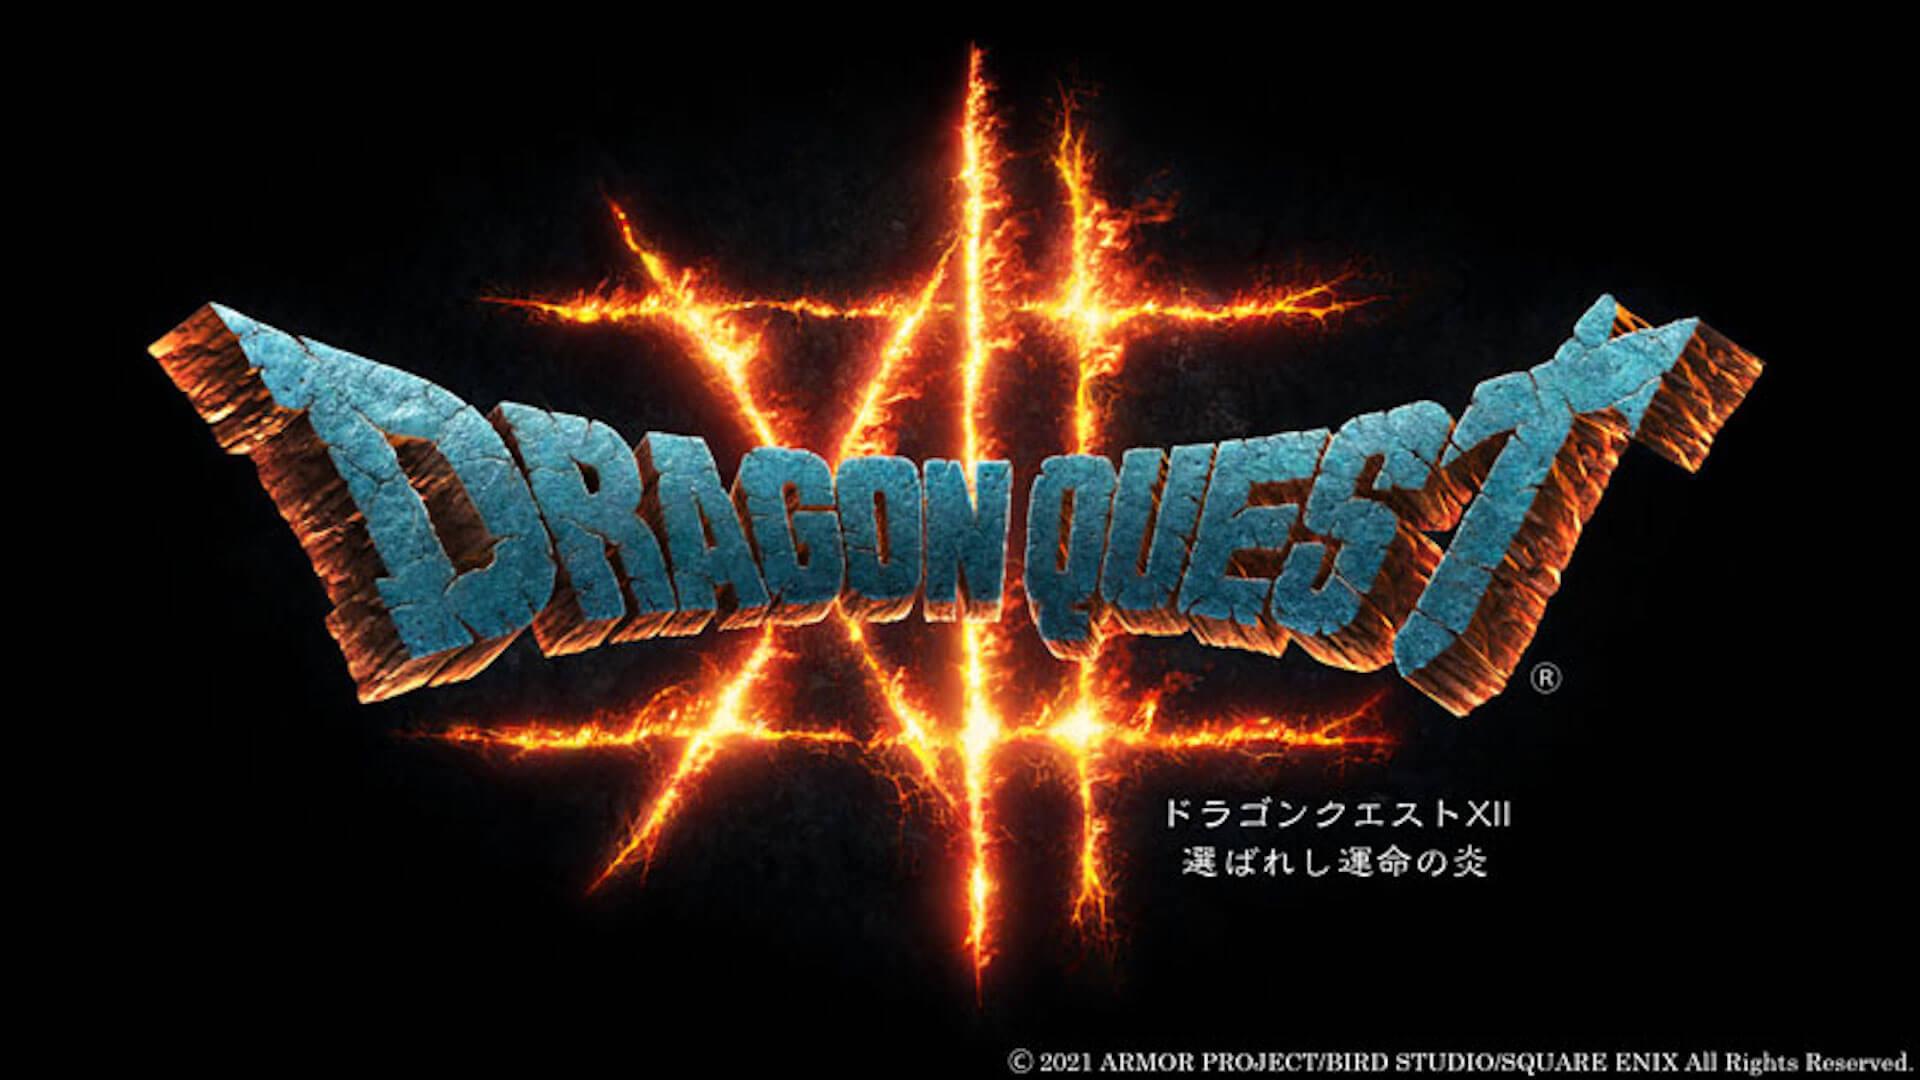 ドラゴンクエスト35周年記念特番で『ドラクエ12』『HD-2D版 ドラクエ3』など6タイトル発表! tech210527_dragonquest_main